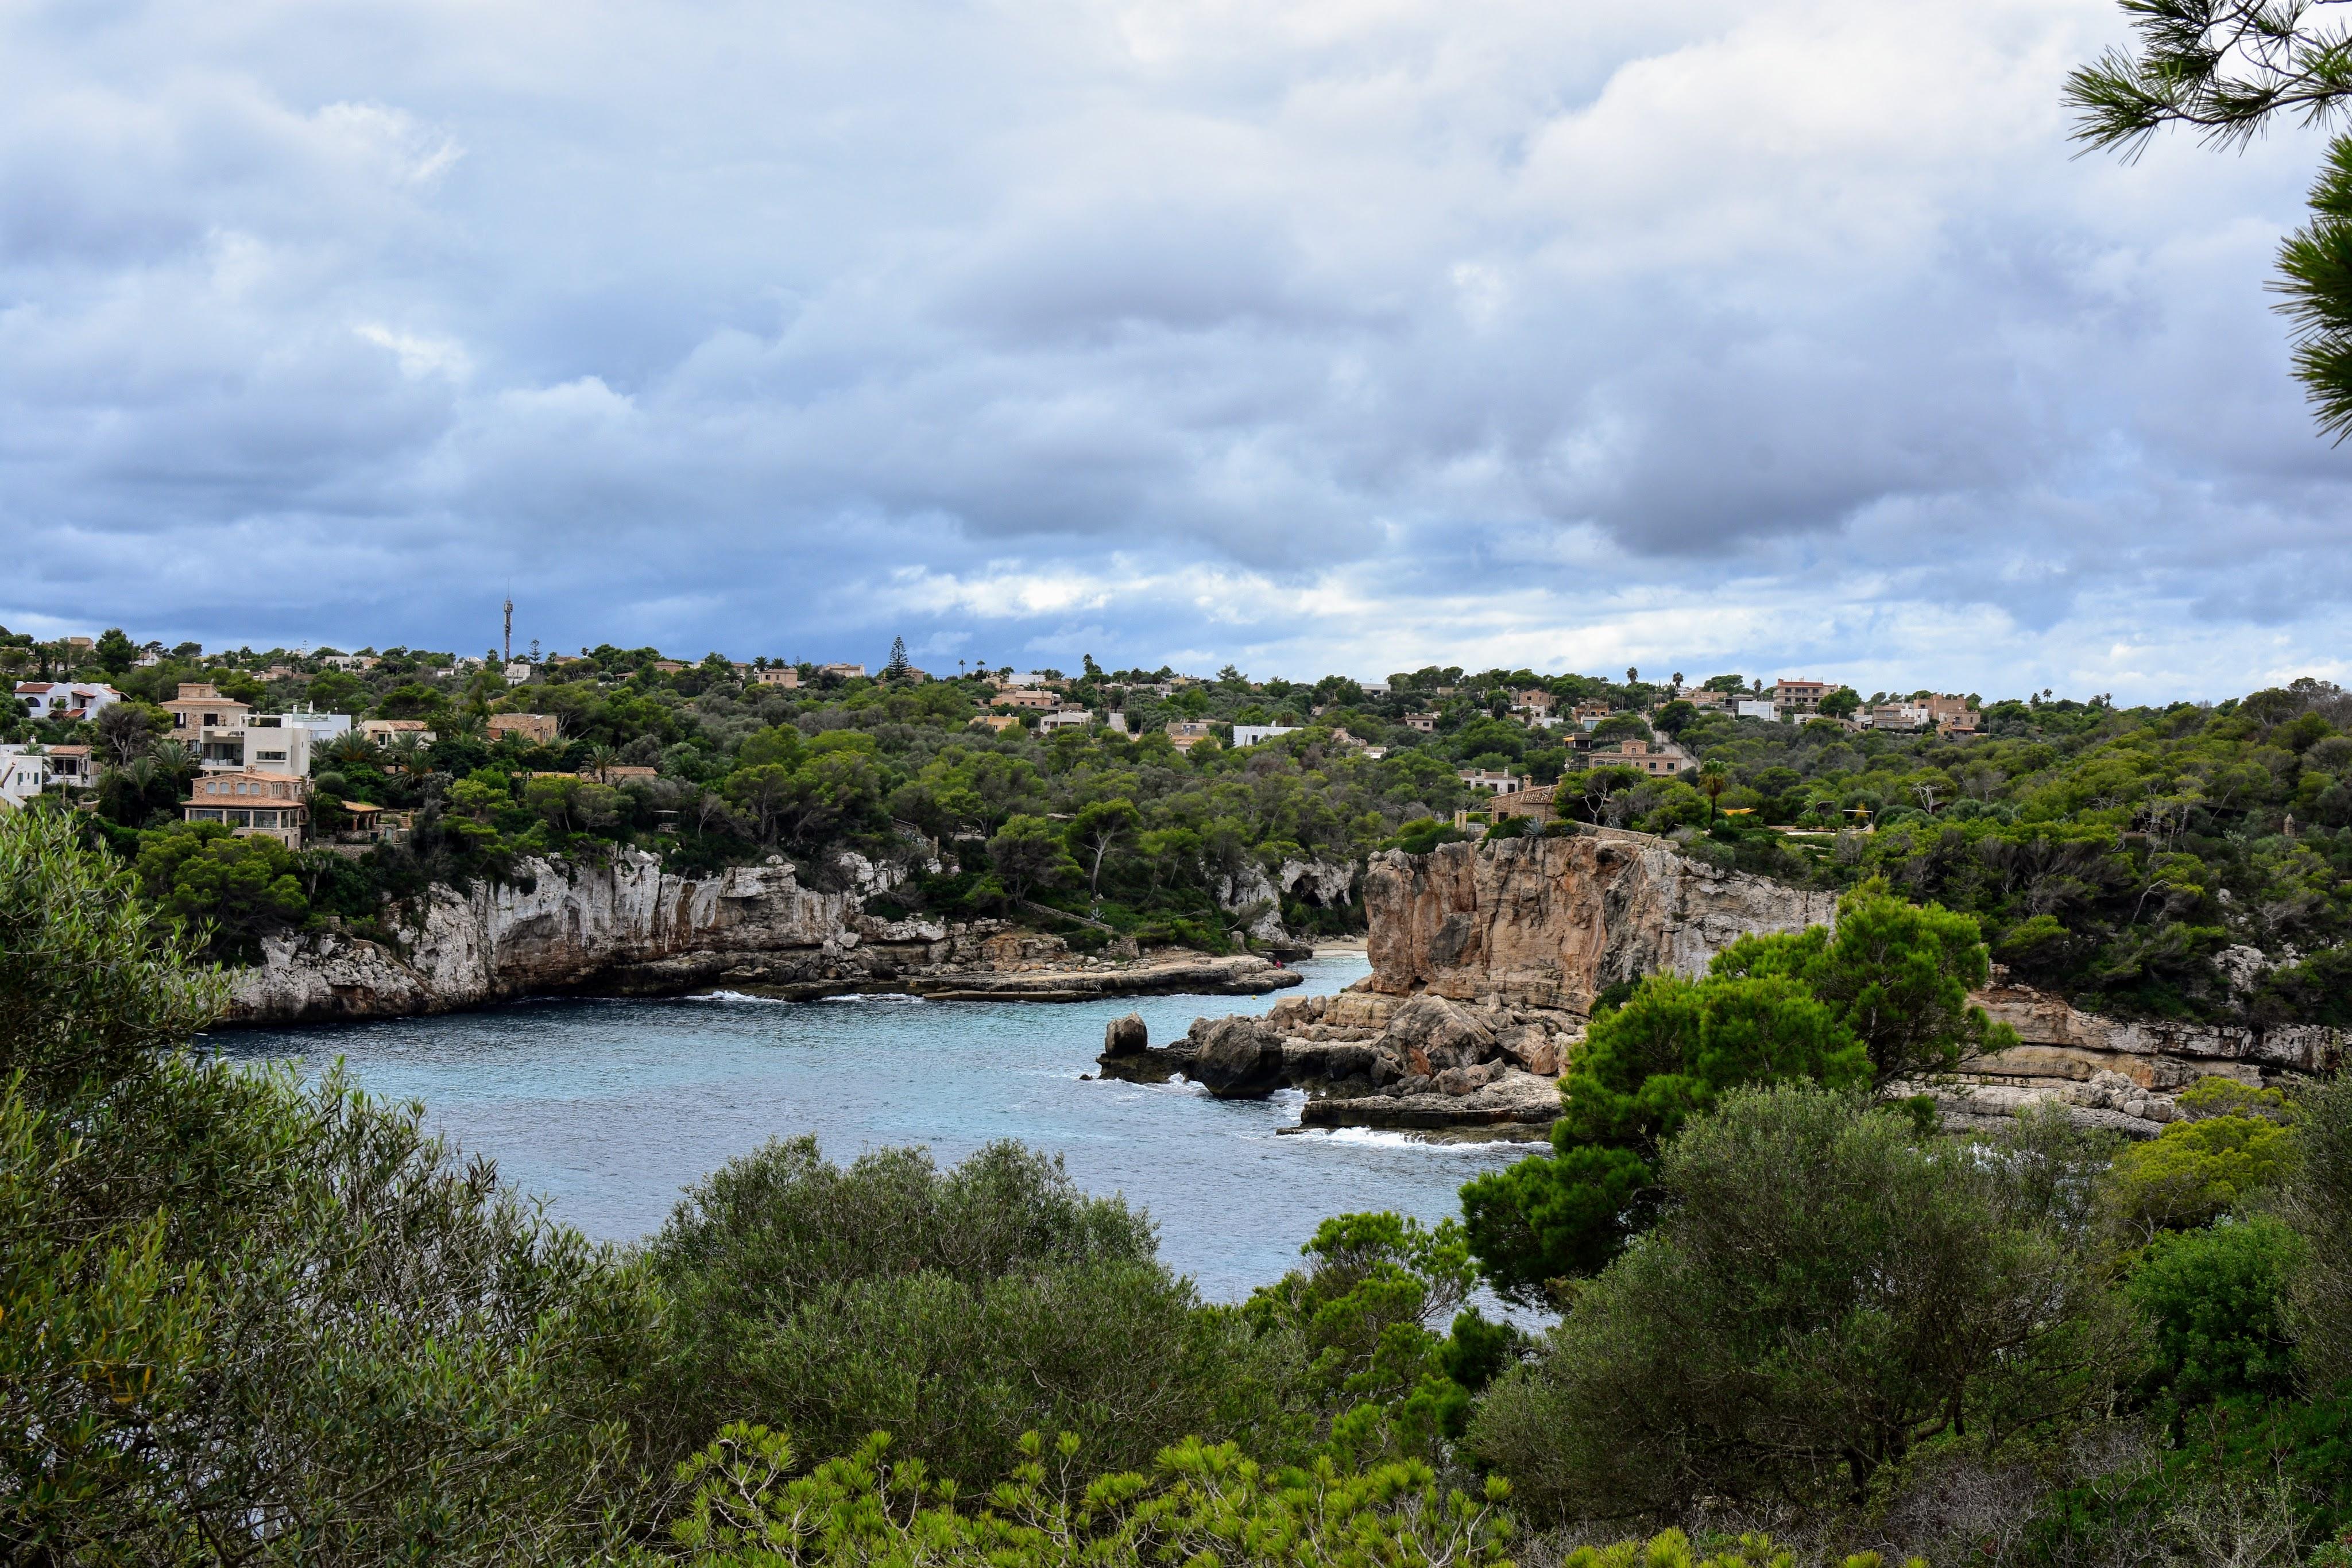 overlooking ocean from the rock cliffs